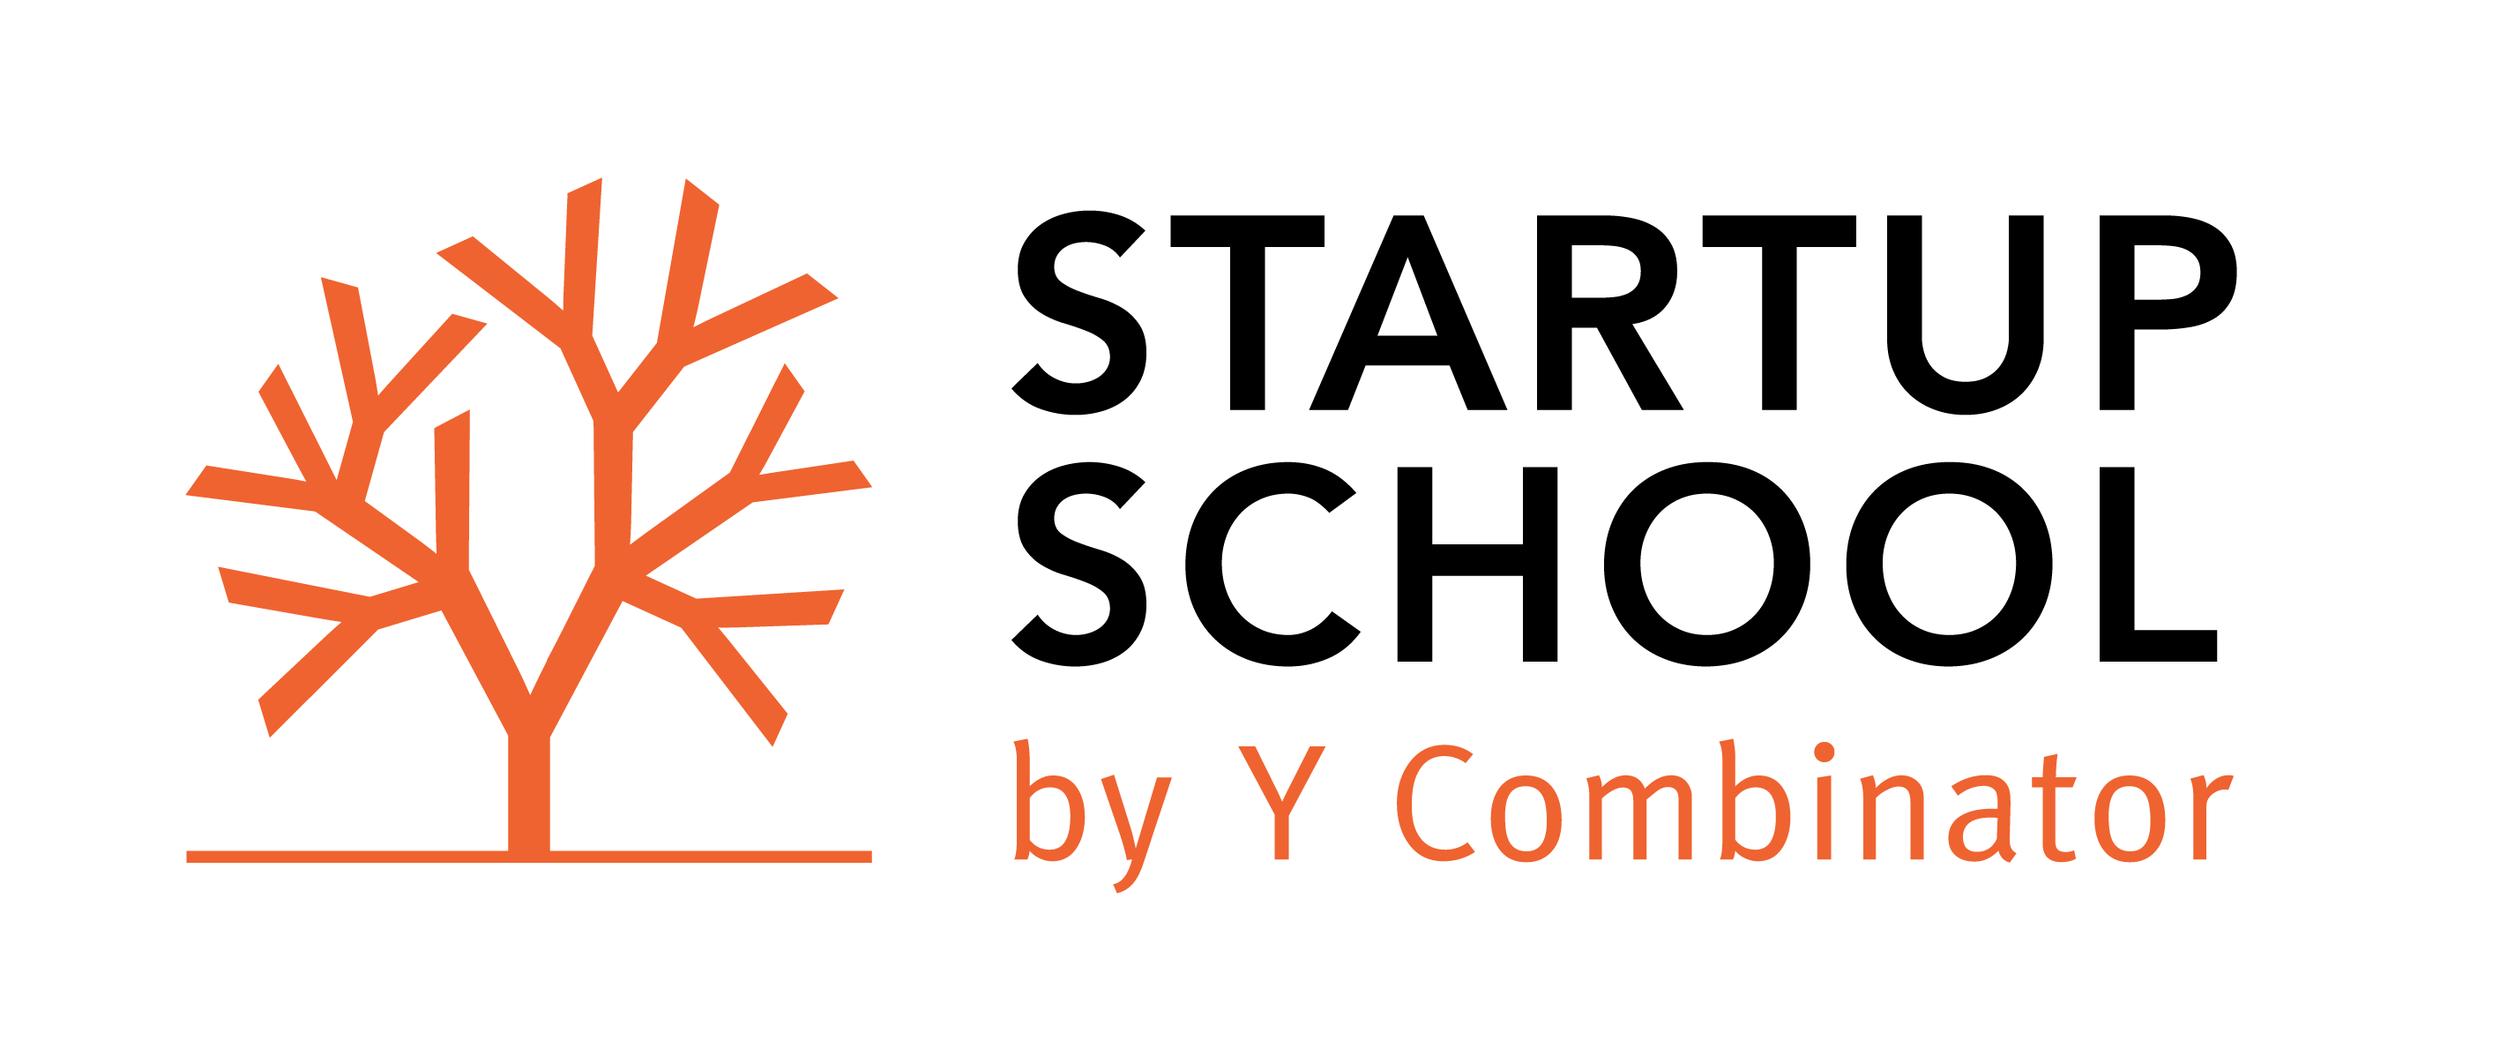 startupschoollogo.png